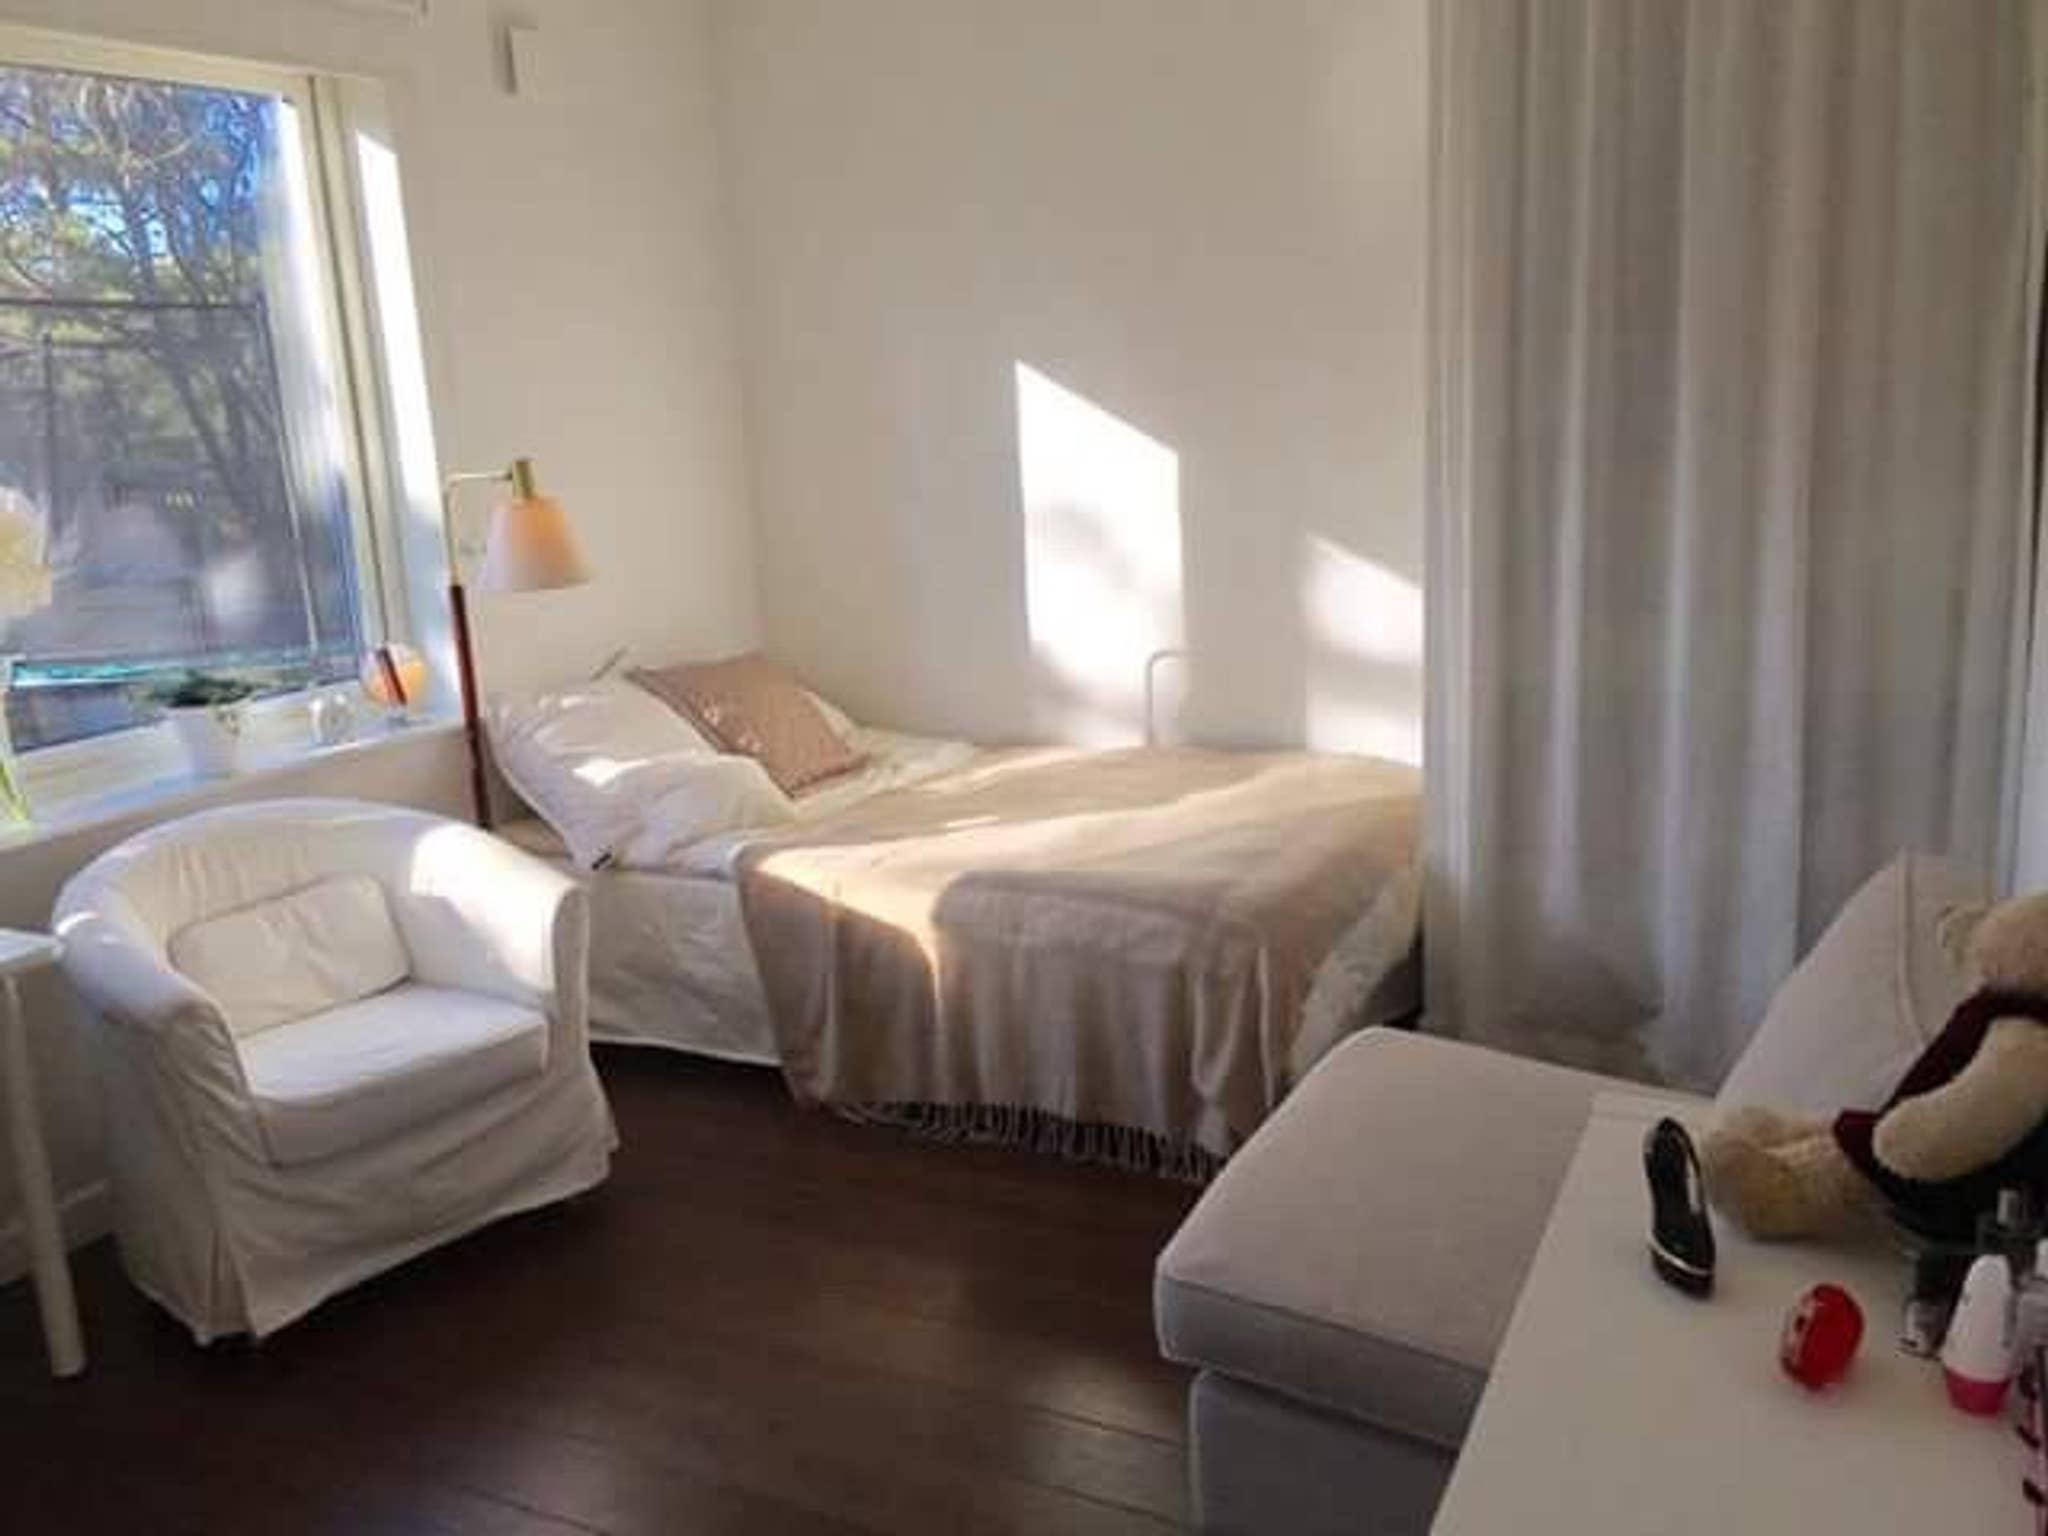 Ferienhaus Erstklassiges Haus in der modernsten Umgebung (2632812), Sältsjöbaden, Region Stockholm, Mittelschweden, Schweden, Bild 5